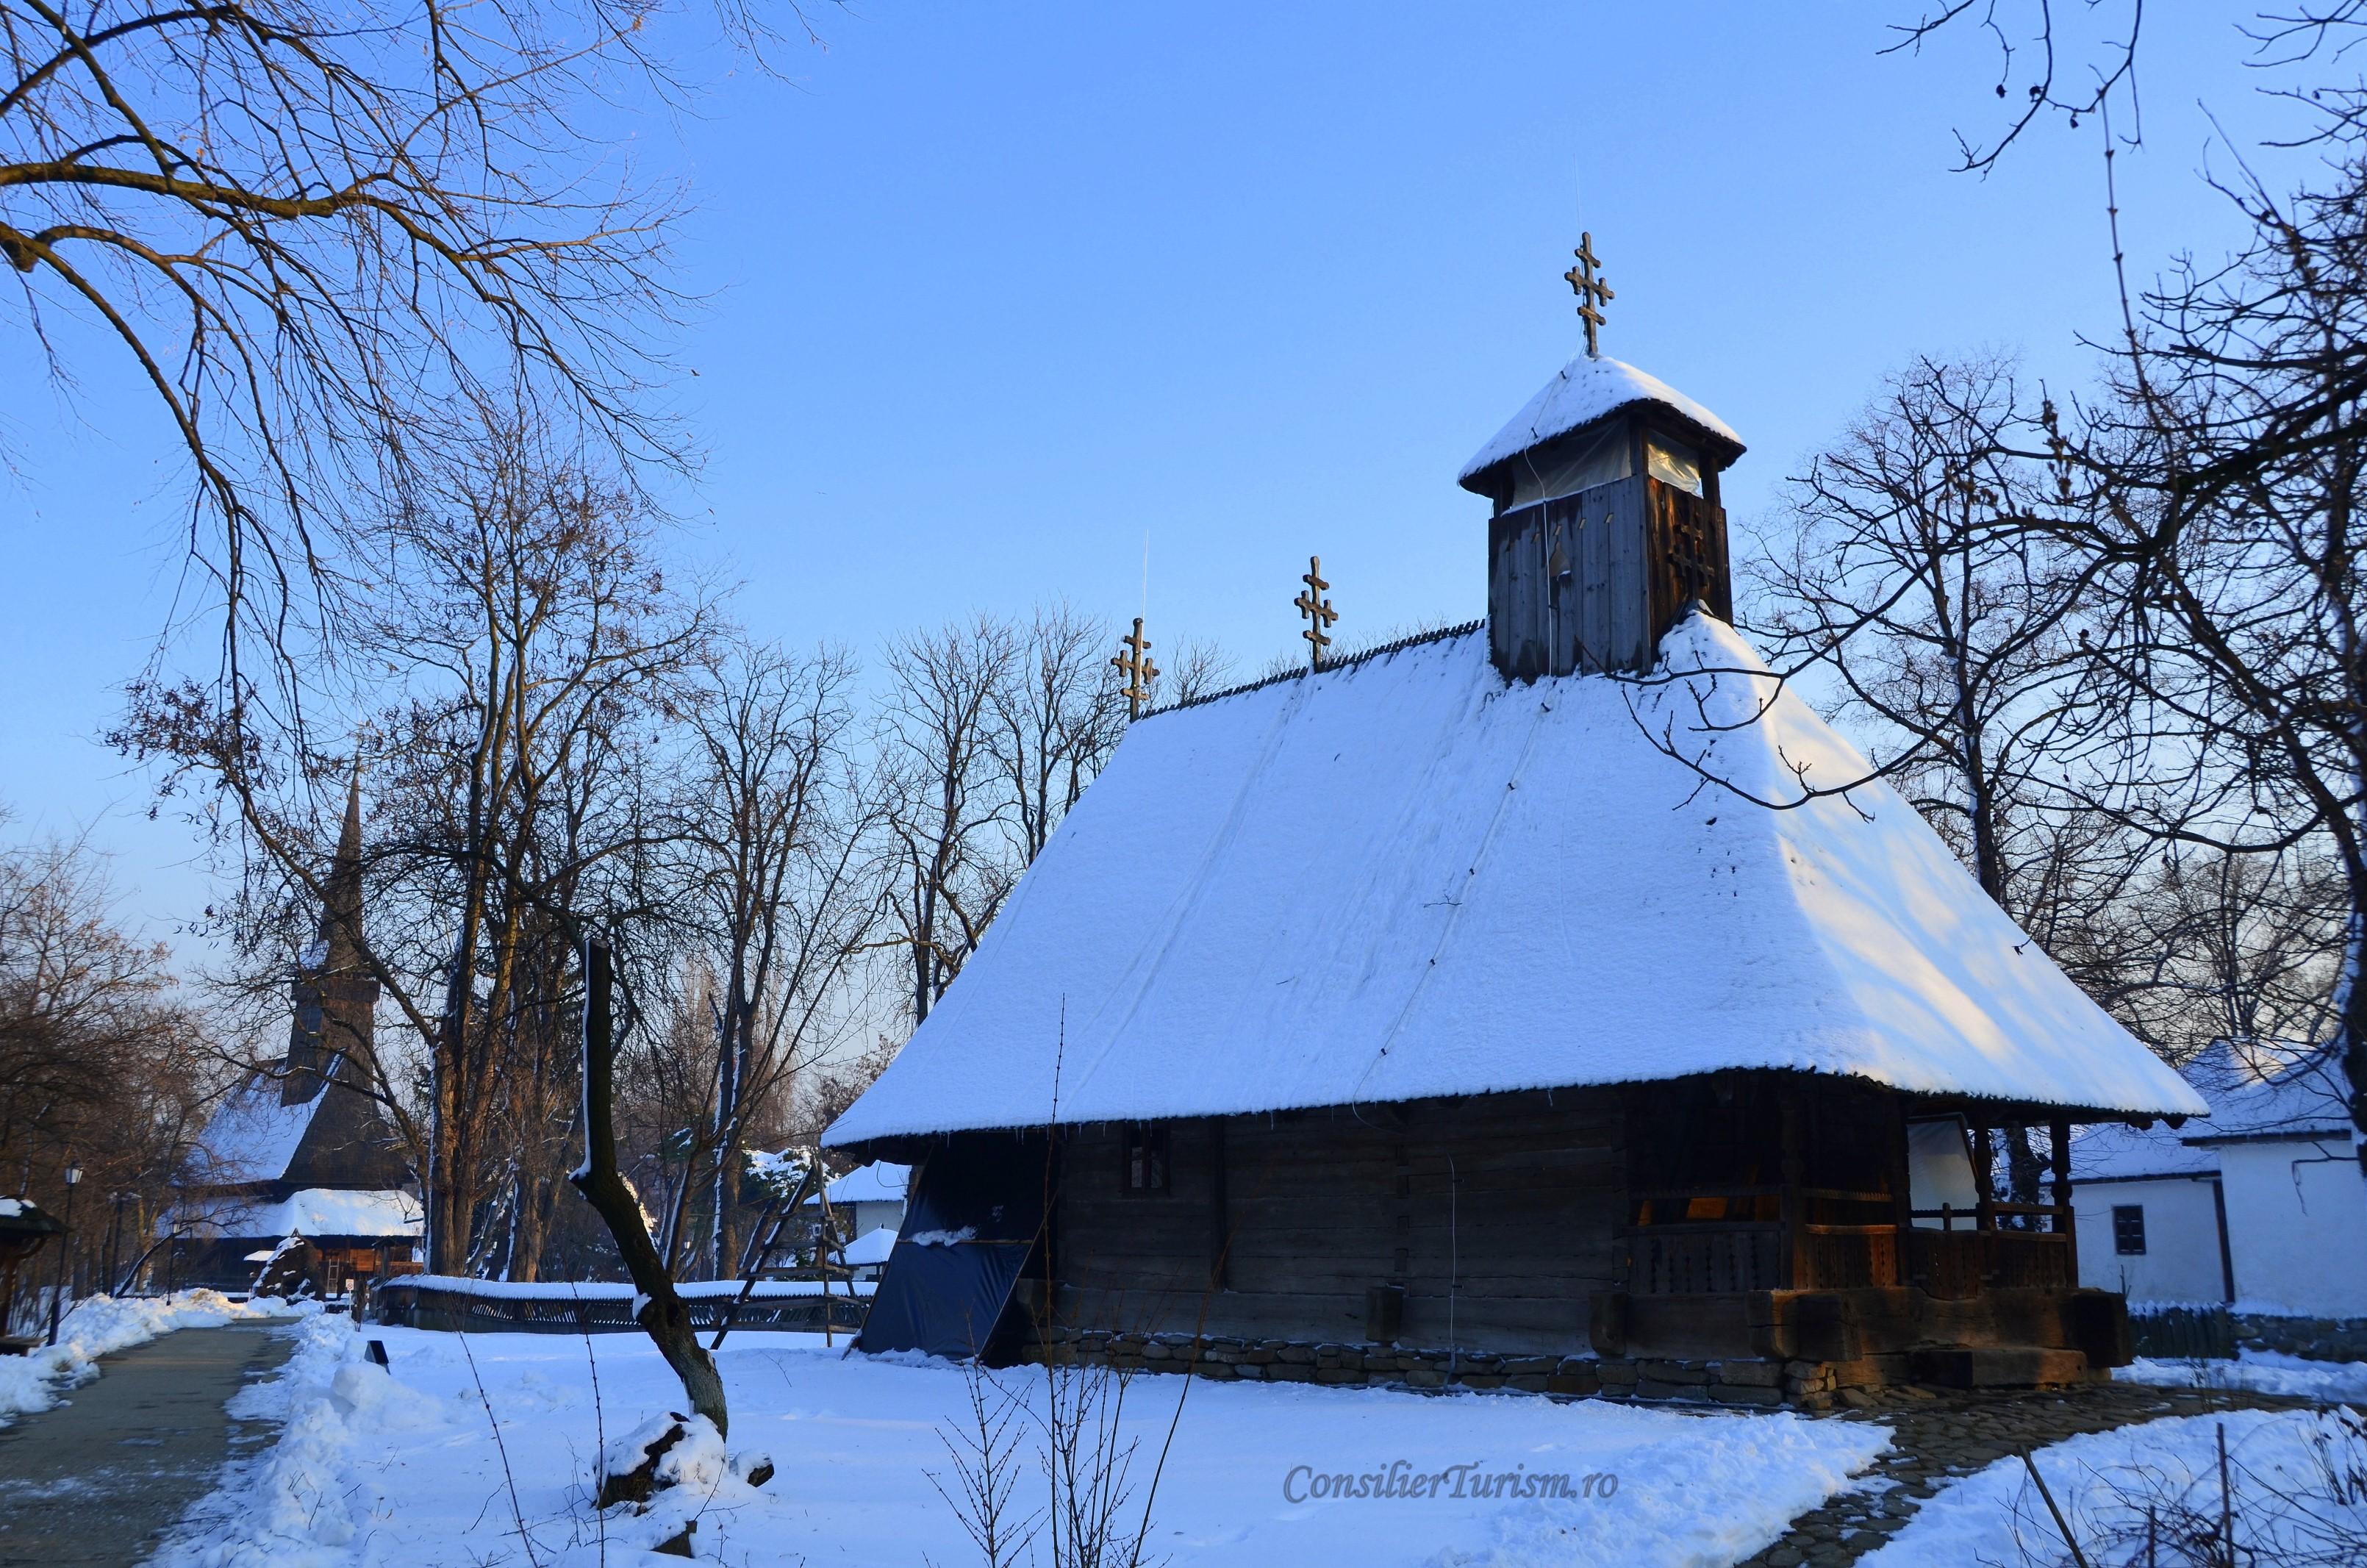 biserici Muzeul satului bucuresti